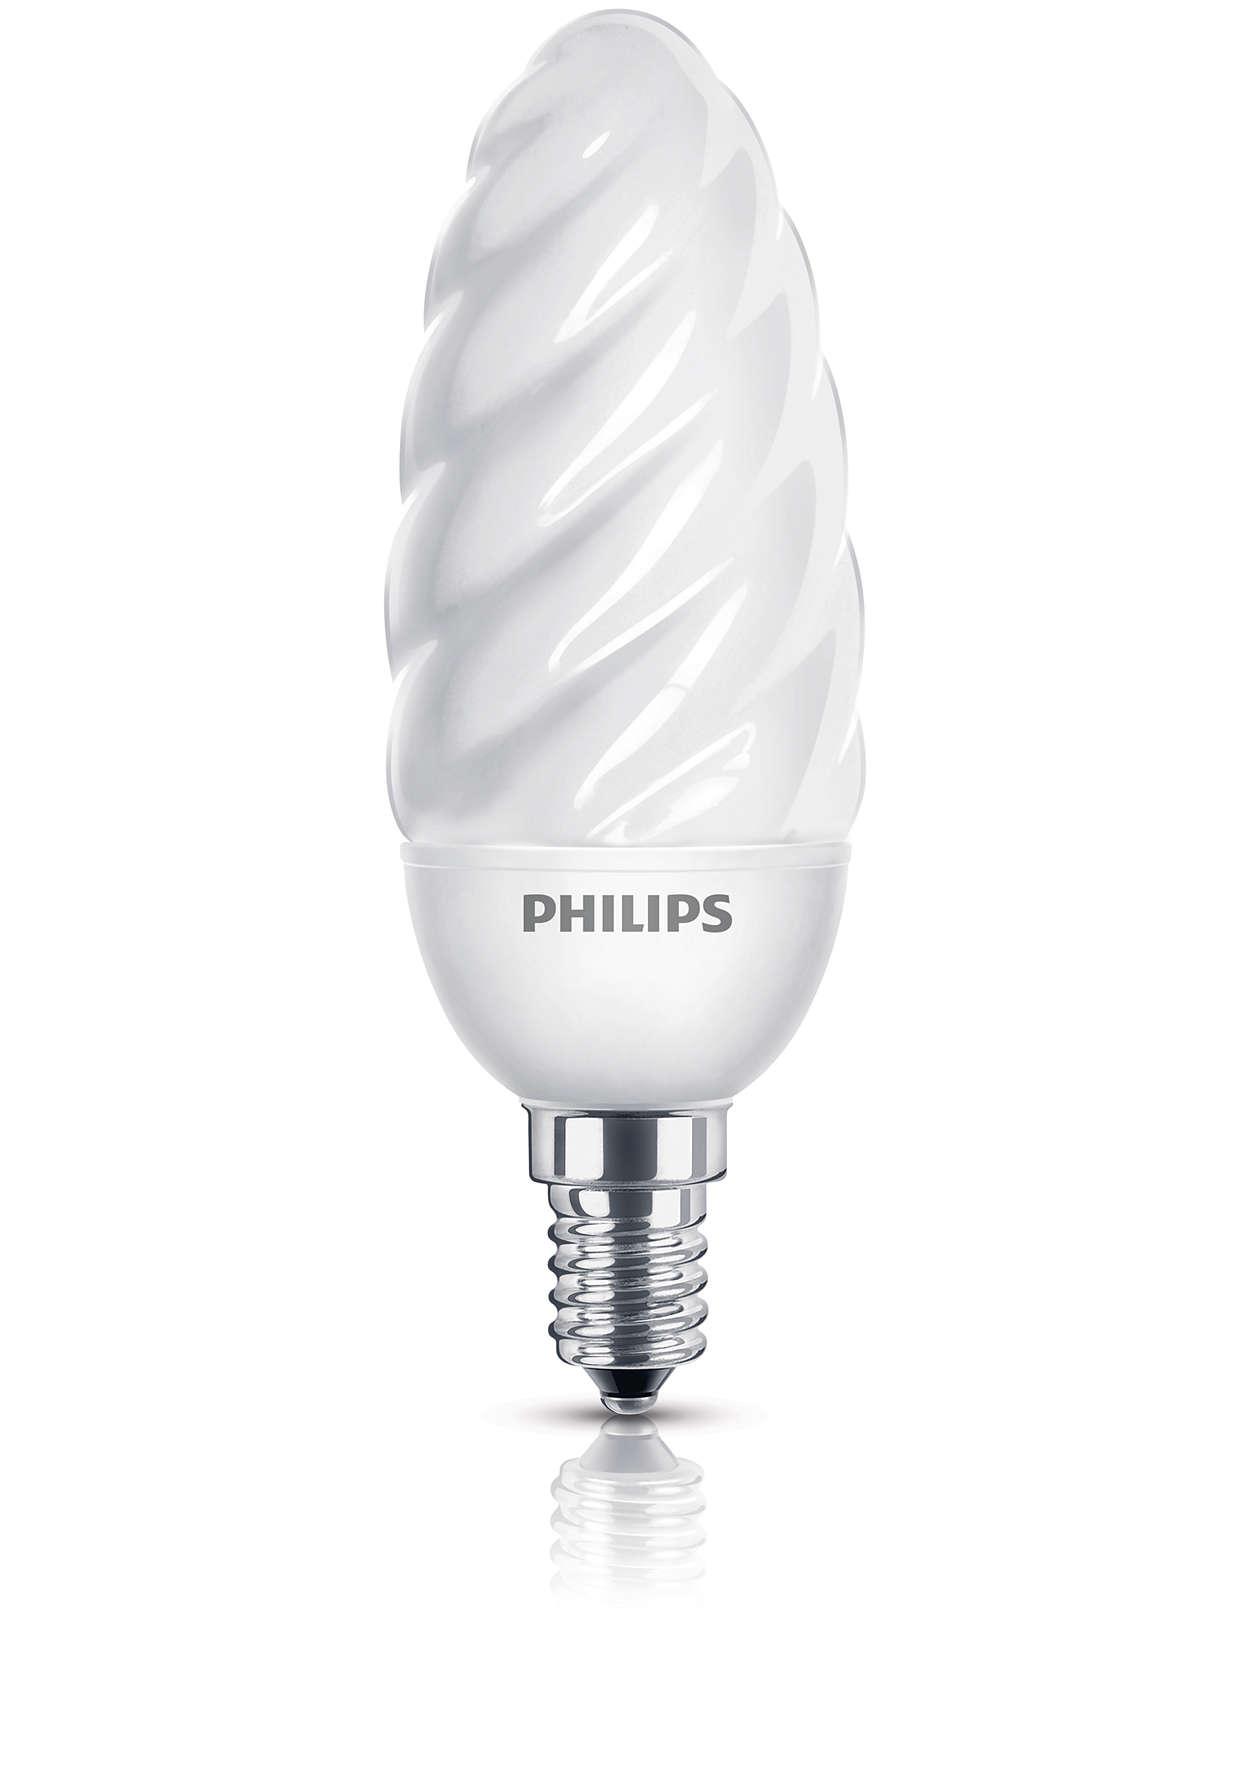 Ampoule à économie d'énergie produisant une lumière douce